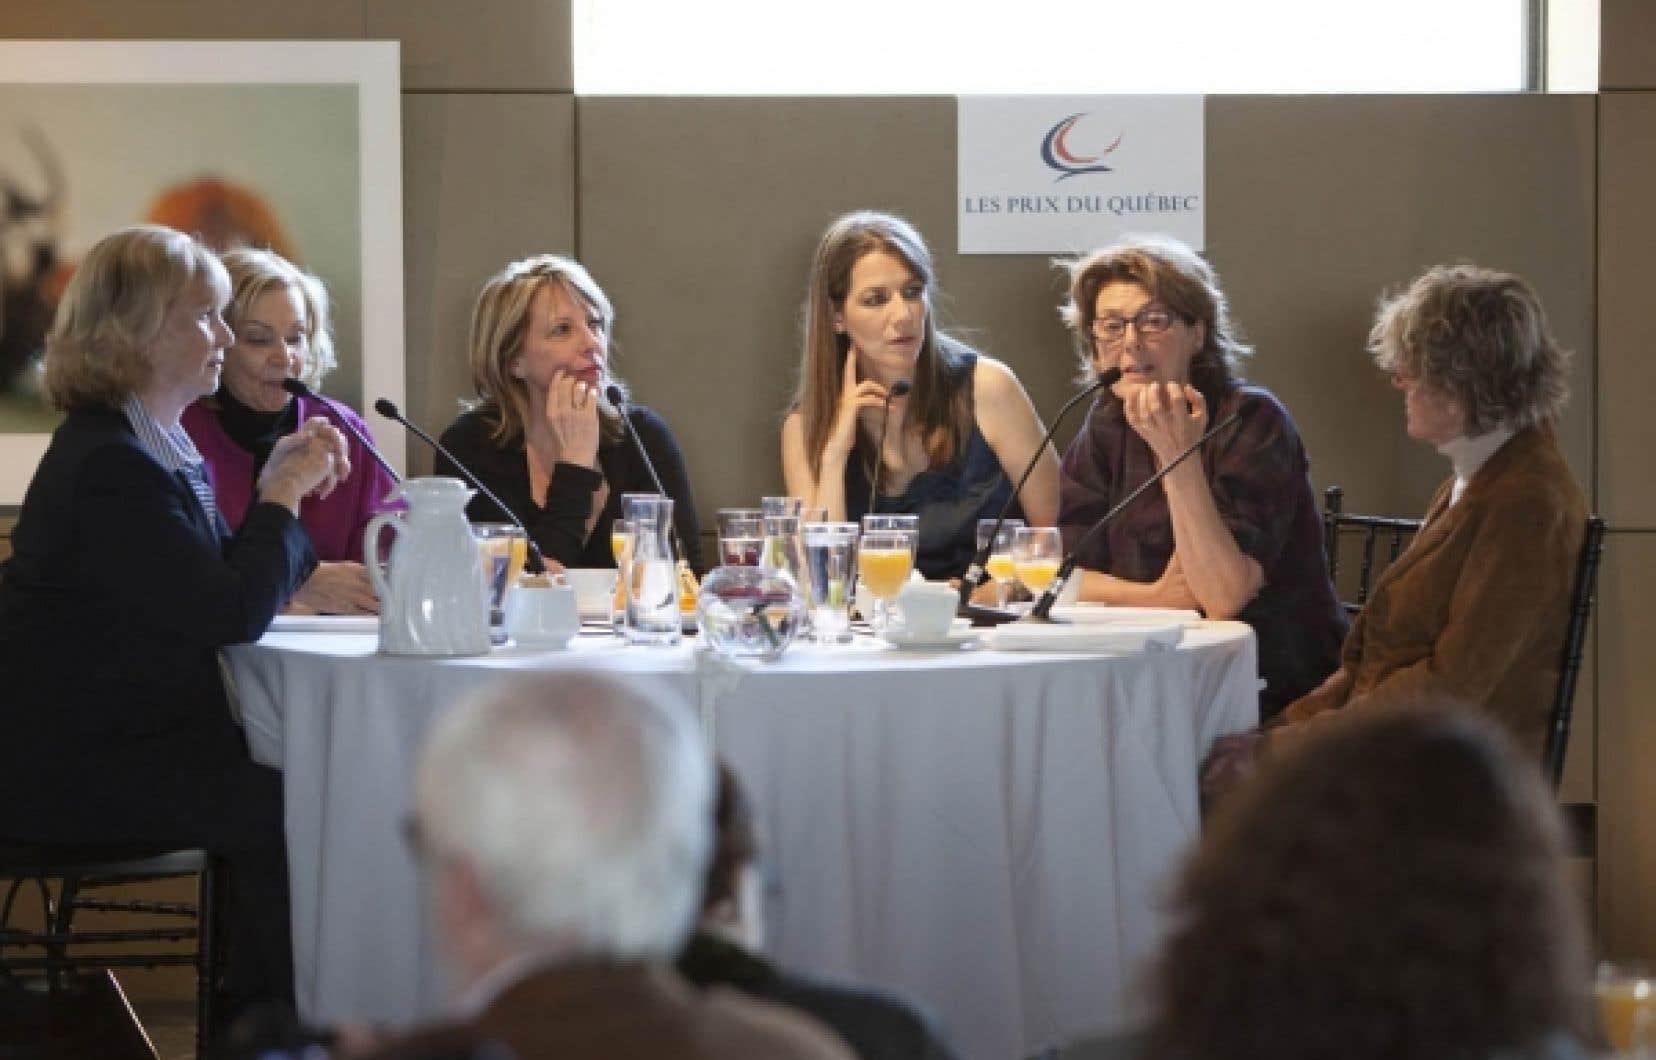 La table ronde organisée par la ministre Christine St-Pierre et animée par Sophie Durocher a rassemblé hier Clémence DesRochers, Paule Baillargeon, Marie-Éva de Villers, et Monique Mercure.